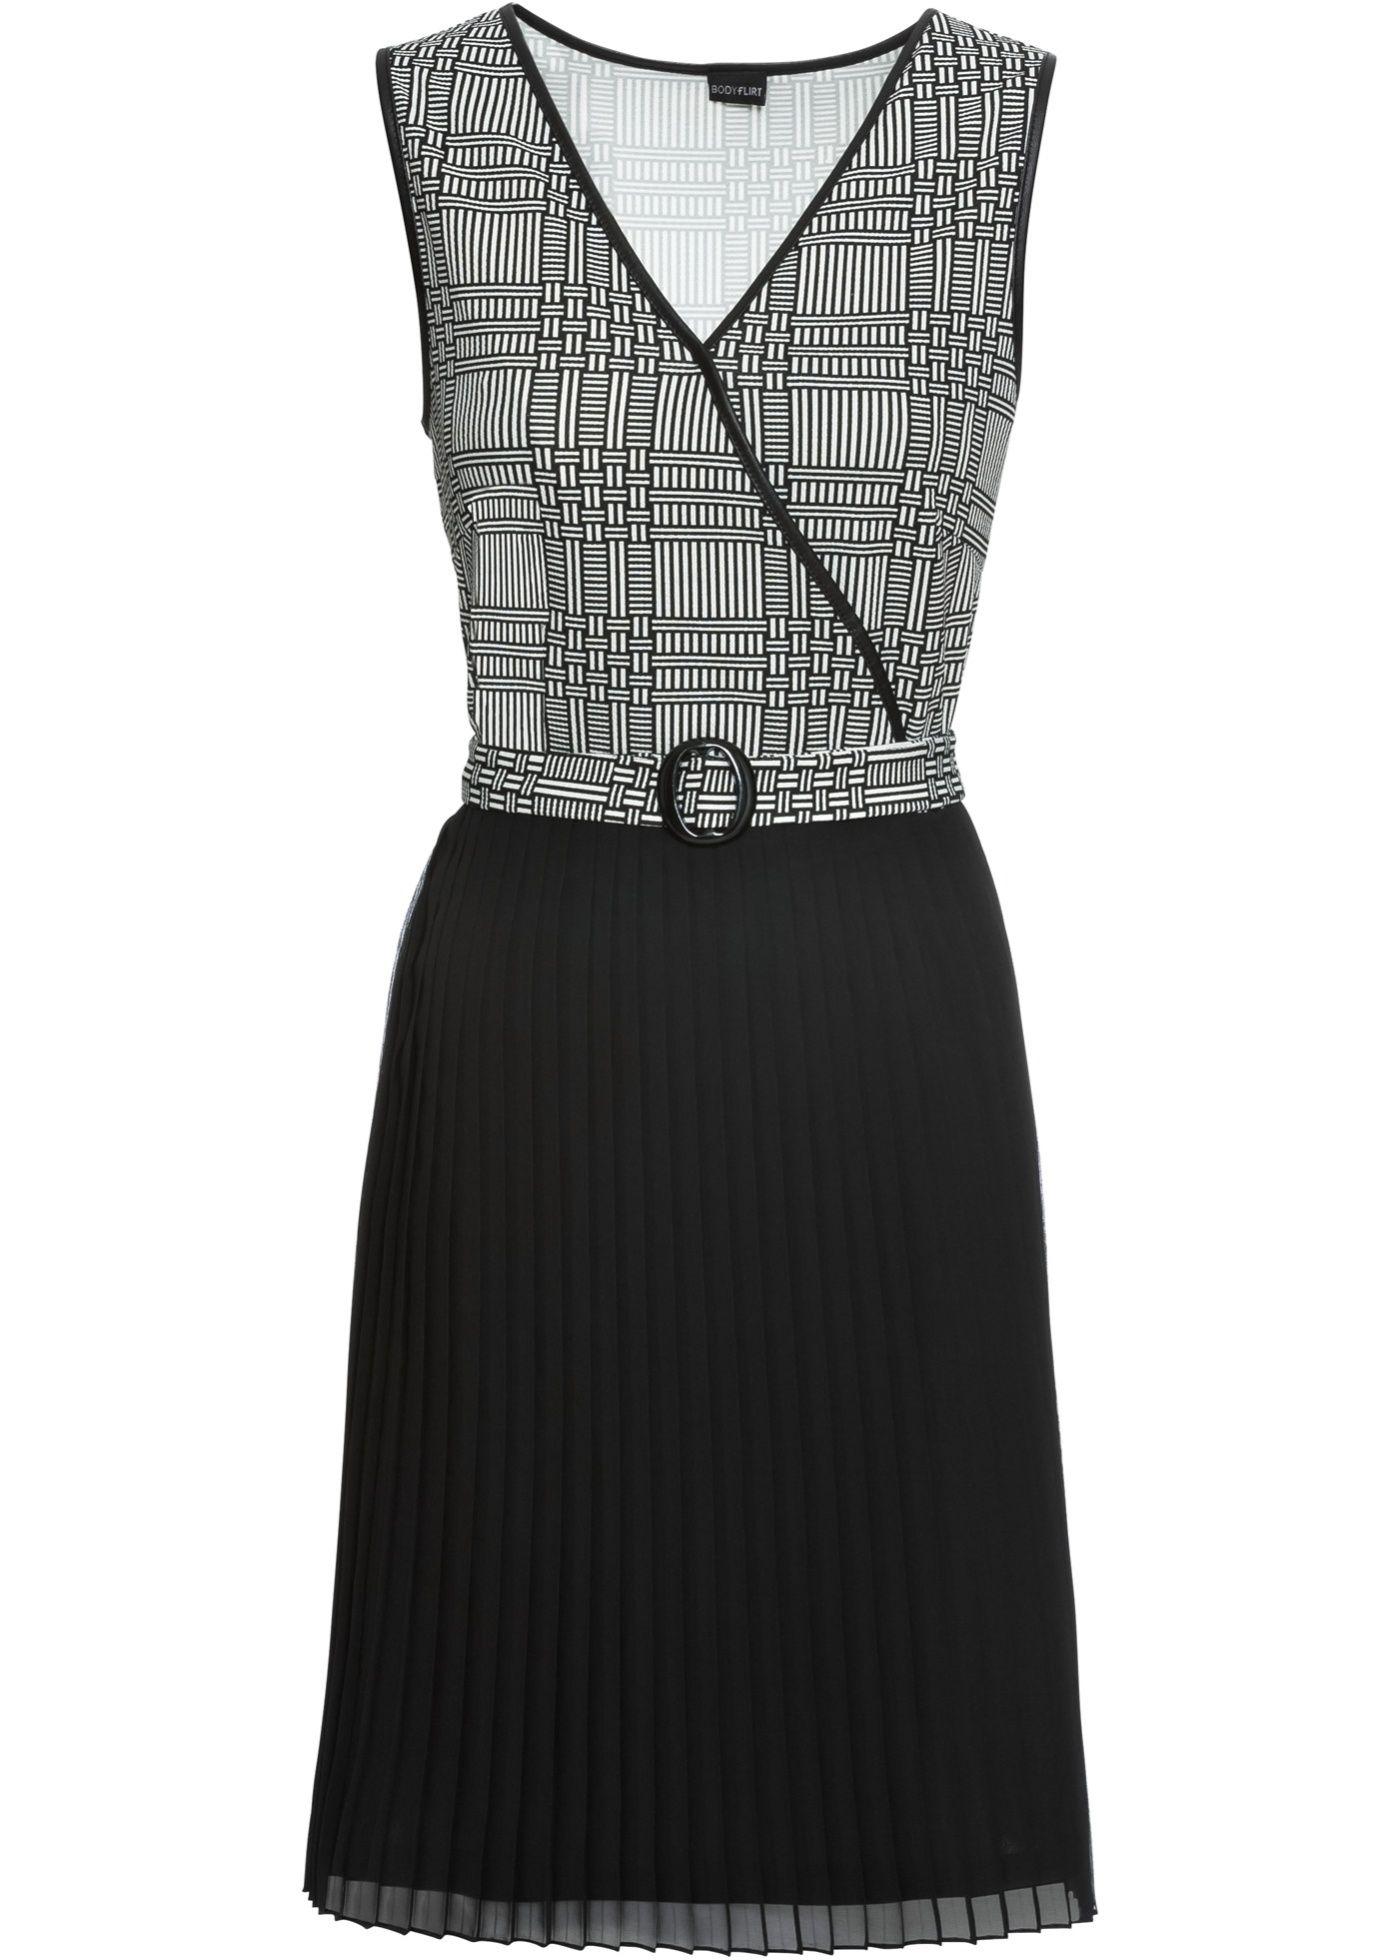 Kleid mit Plisee  Minikleid, Das kleine schwarze, Kleider